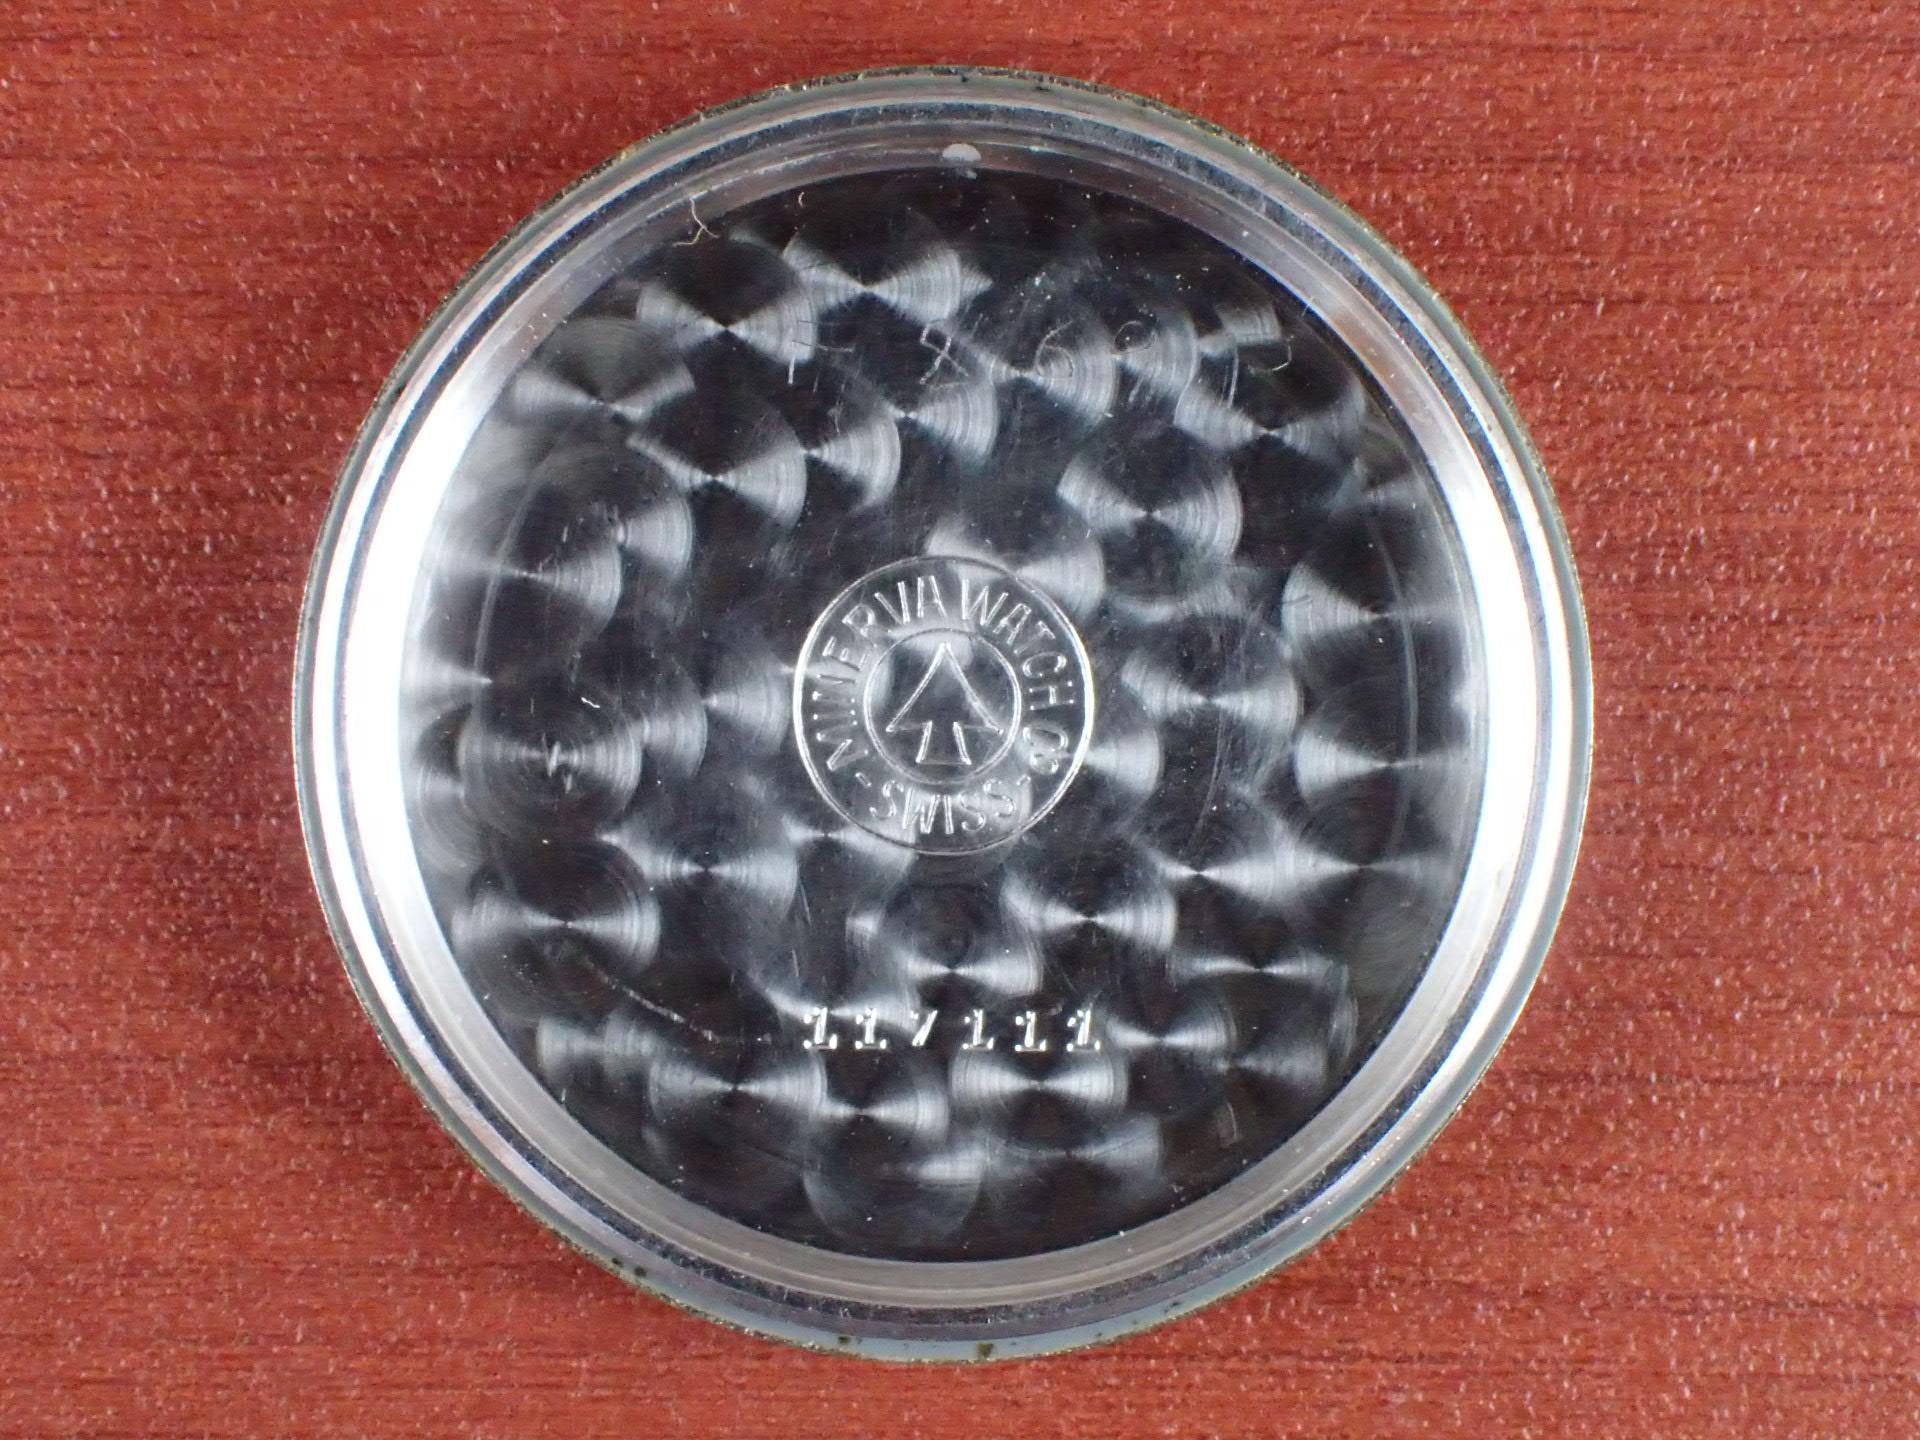 ミネルバ クロノグラフ バルジュー72 ホワイトダイアル BOX付 1950年代の写真6枚目